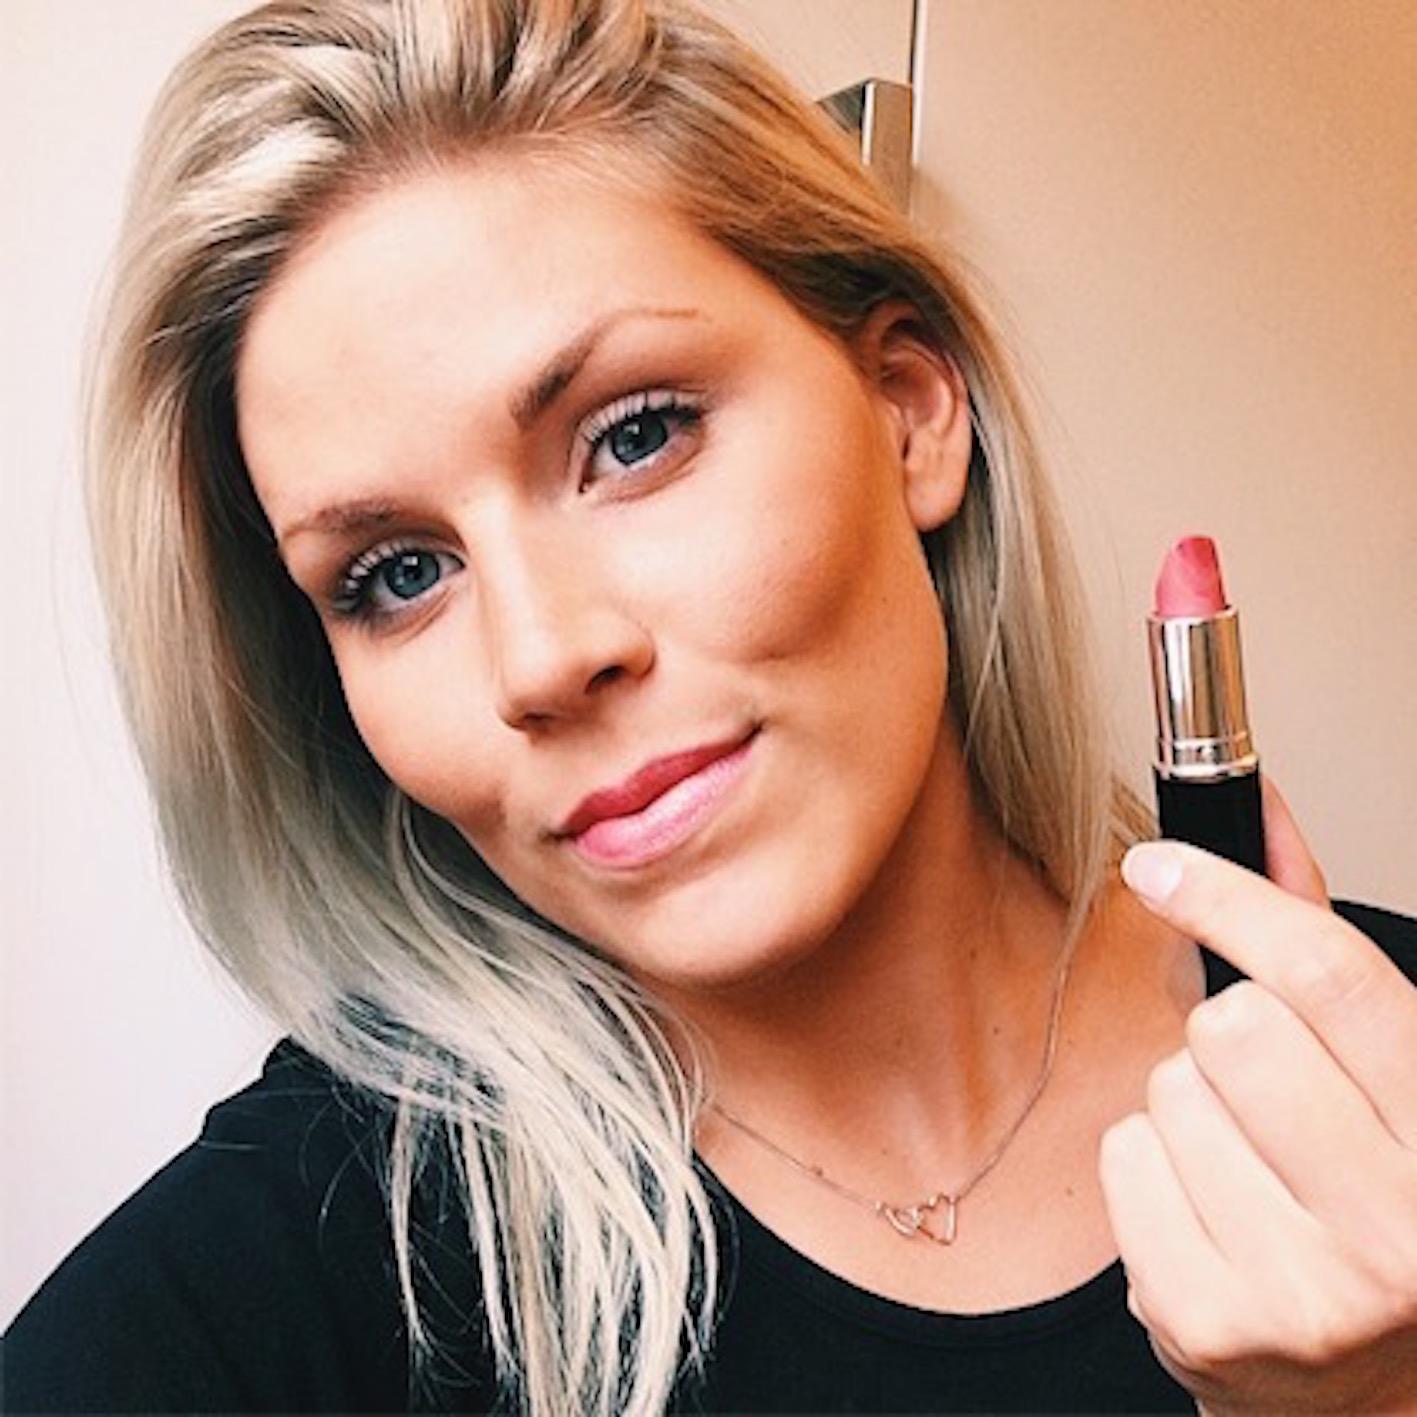 lip care colour joyful - Maria Åkerberg